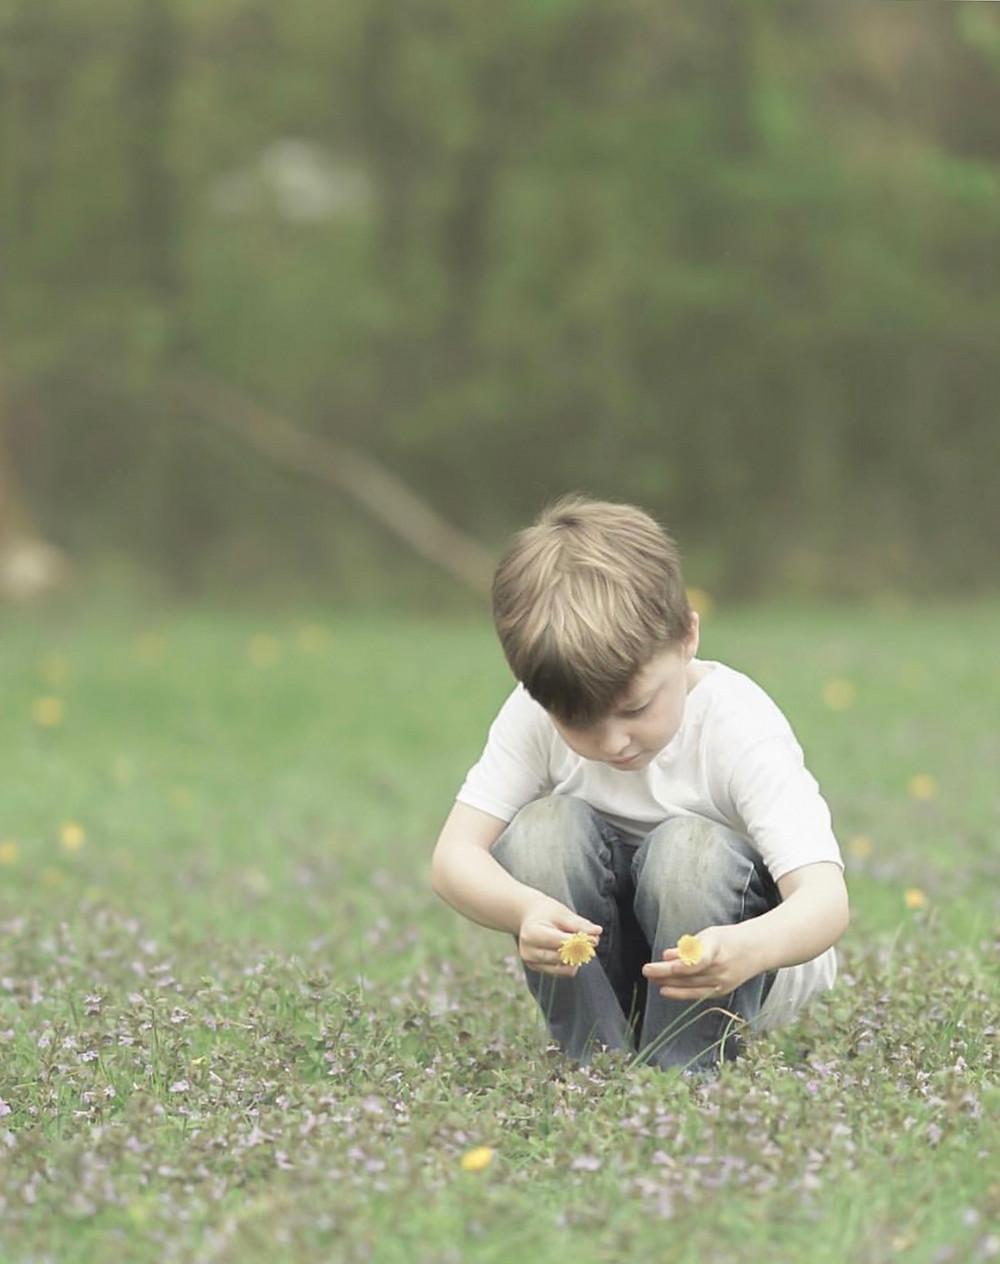 boy picks flower in field